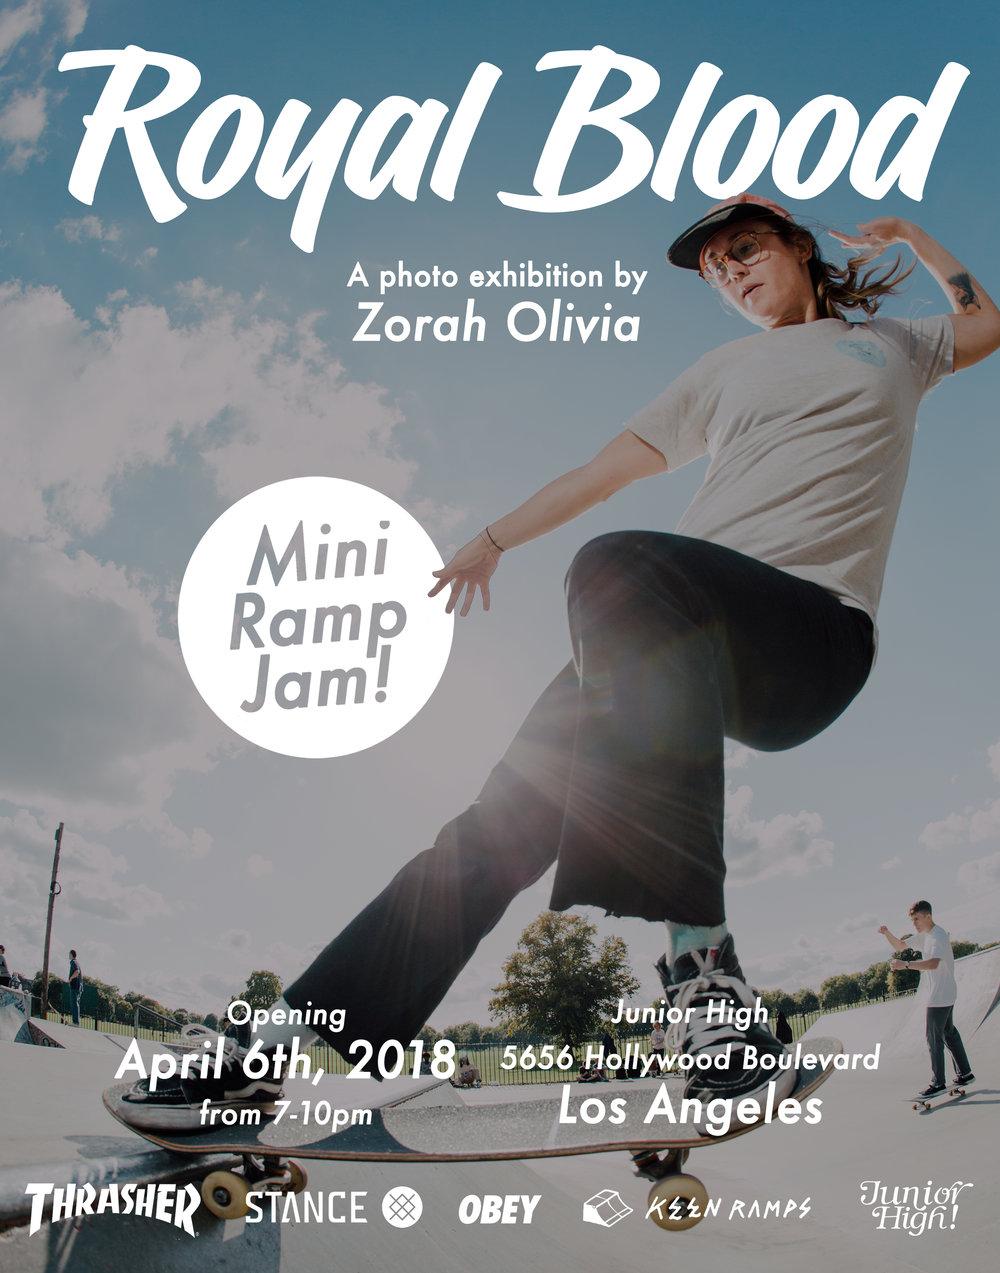 RoyalBlood_Poster.jpg